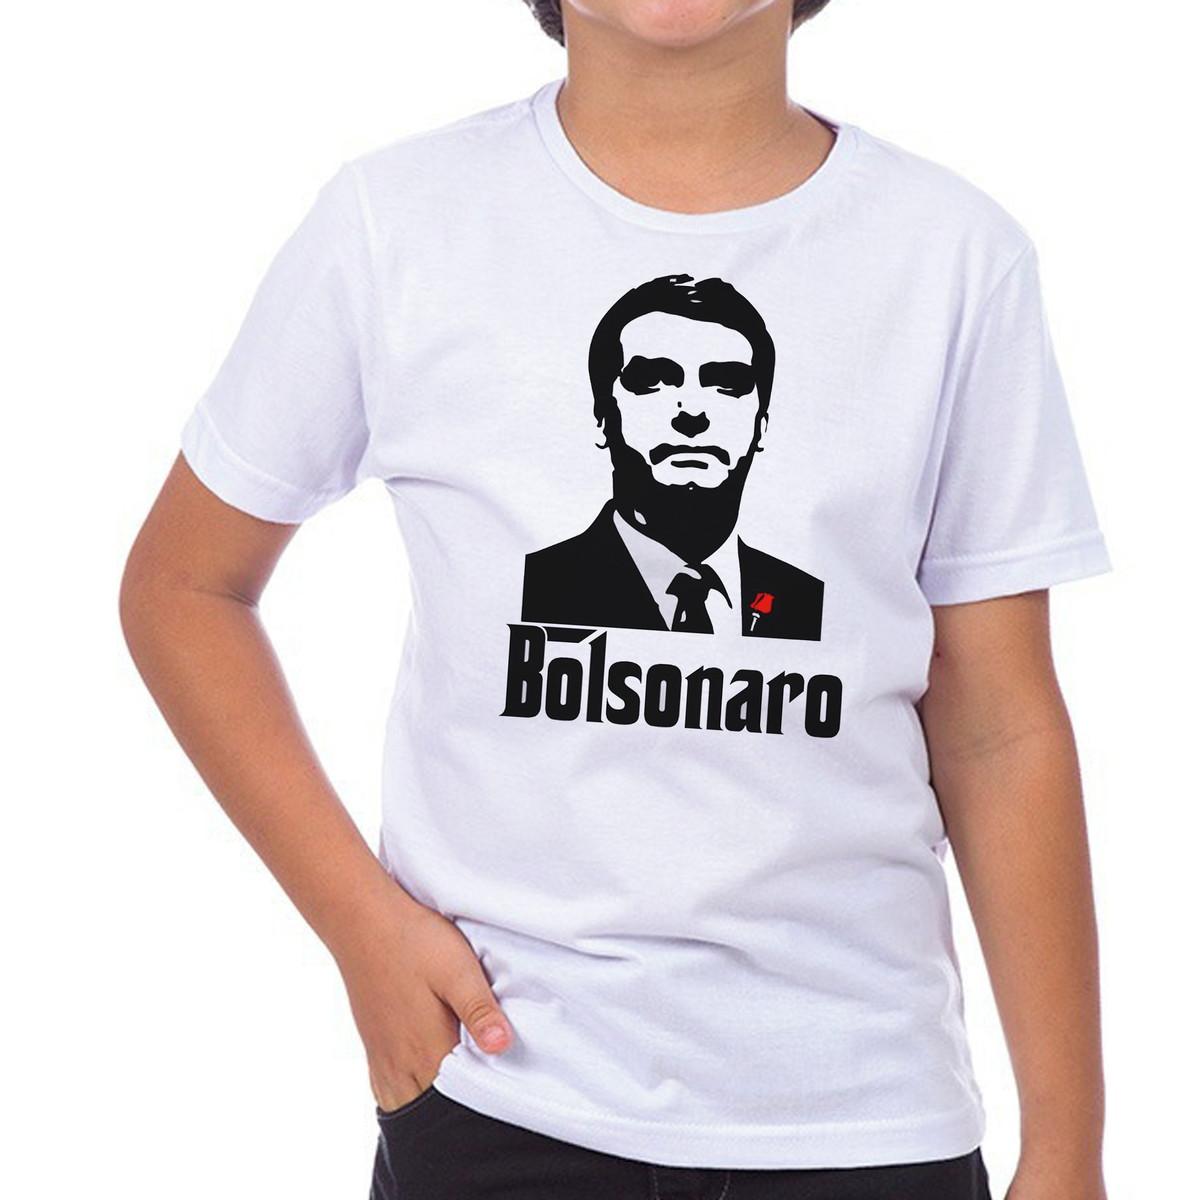 Camiseta Camisa bolsonaro poderoso chefão presidente no Elo7  d84696213cf49